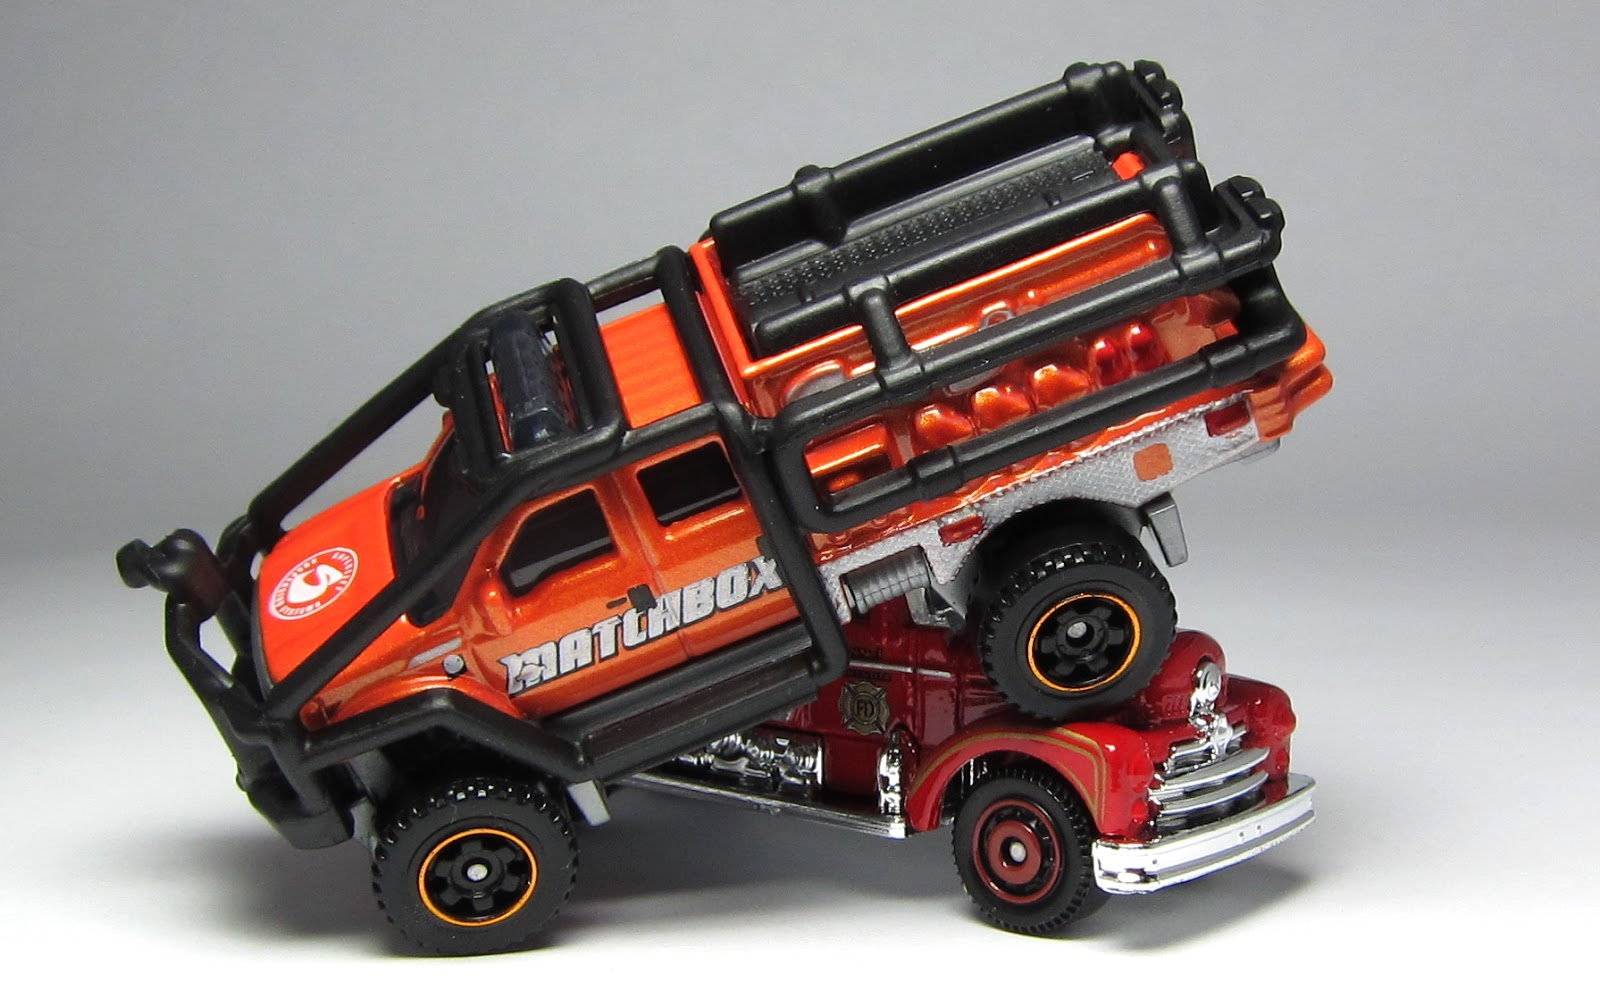 Image Result For Honda Ridgeline Worst Truck